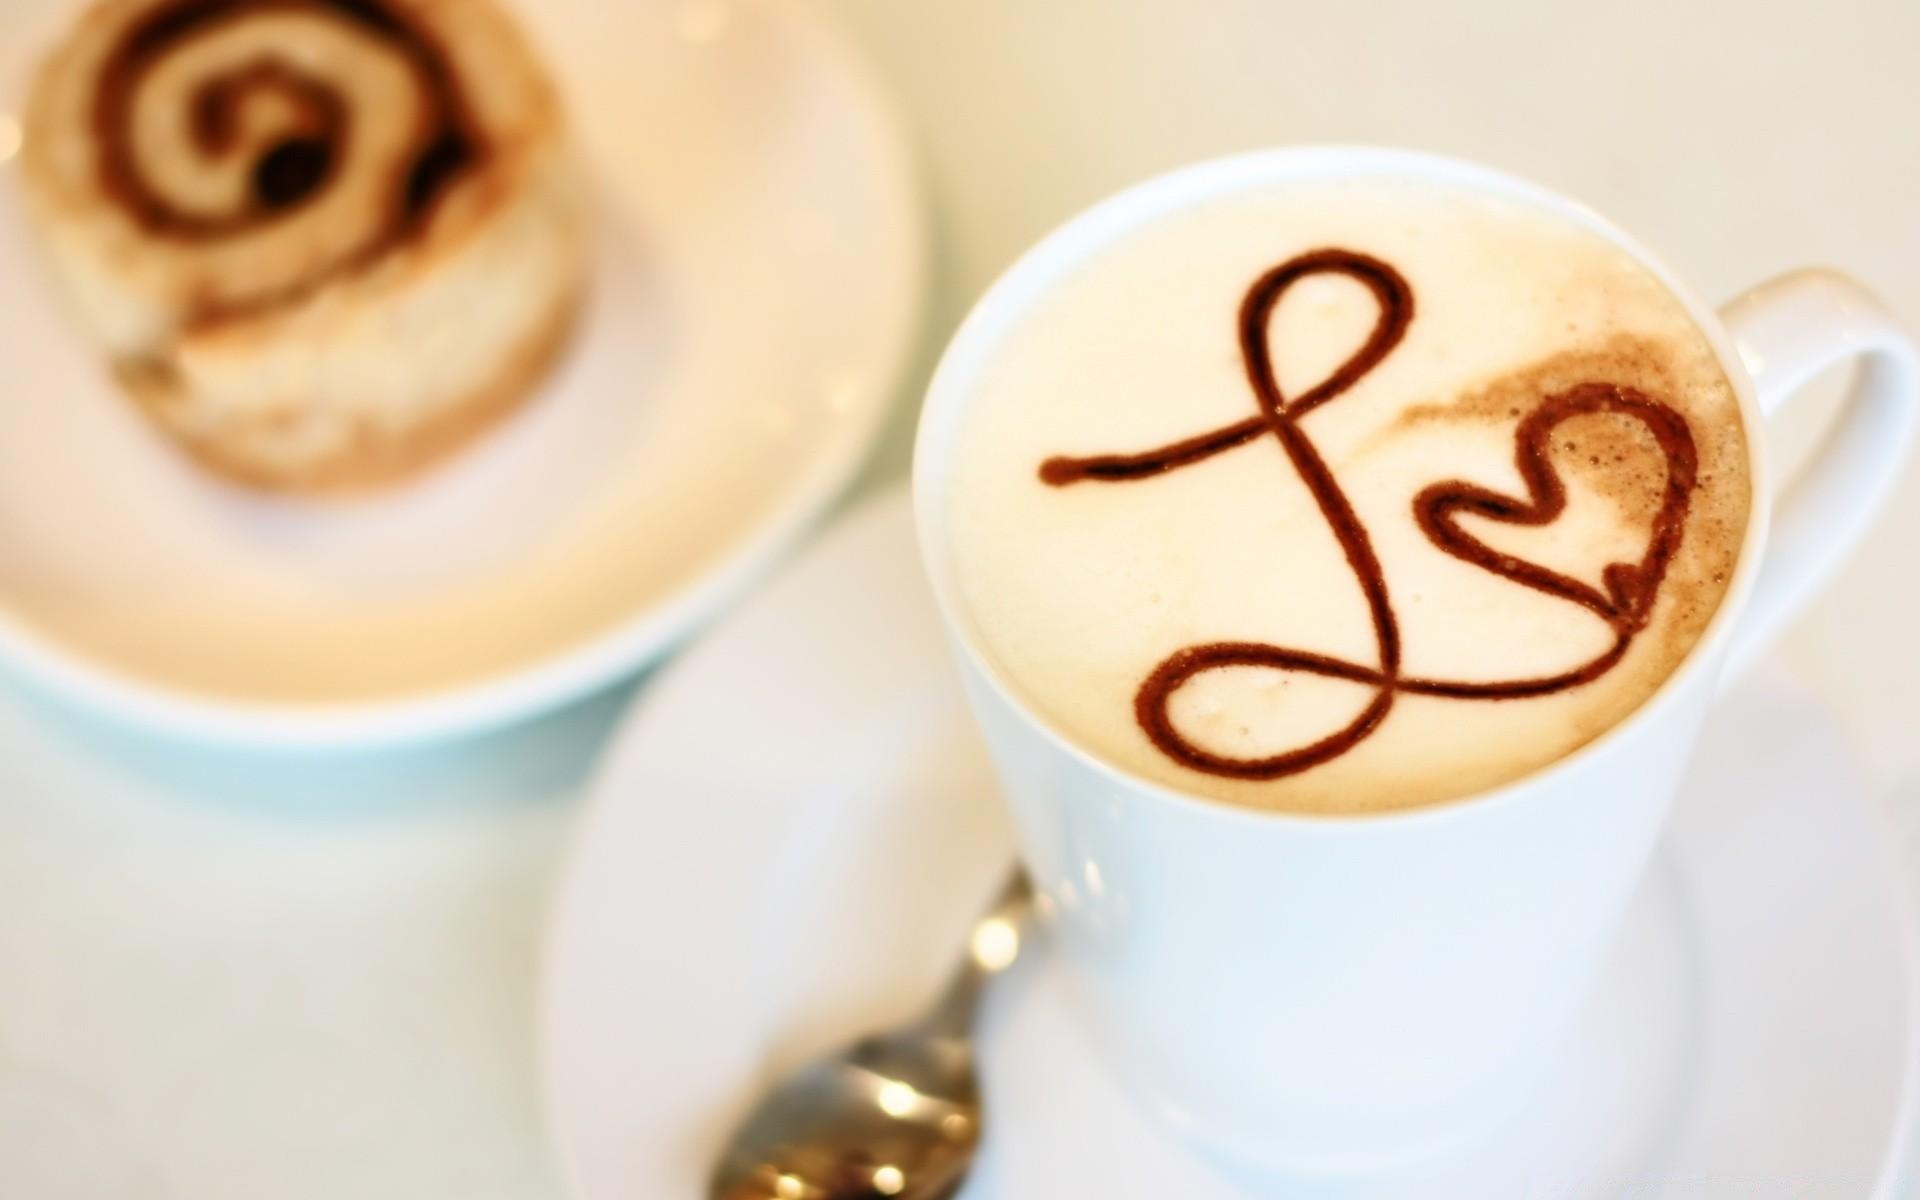 обои на рабочий стол чашка кофе и шоколад № 246771 бесплатно